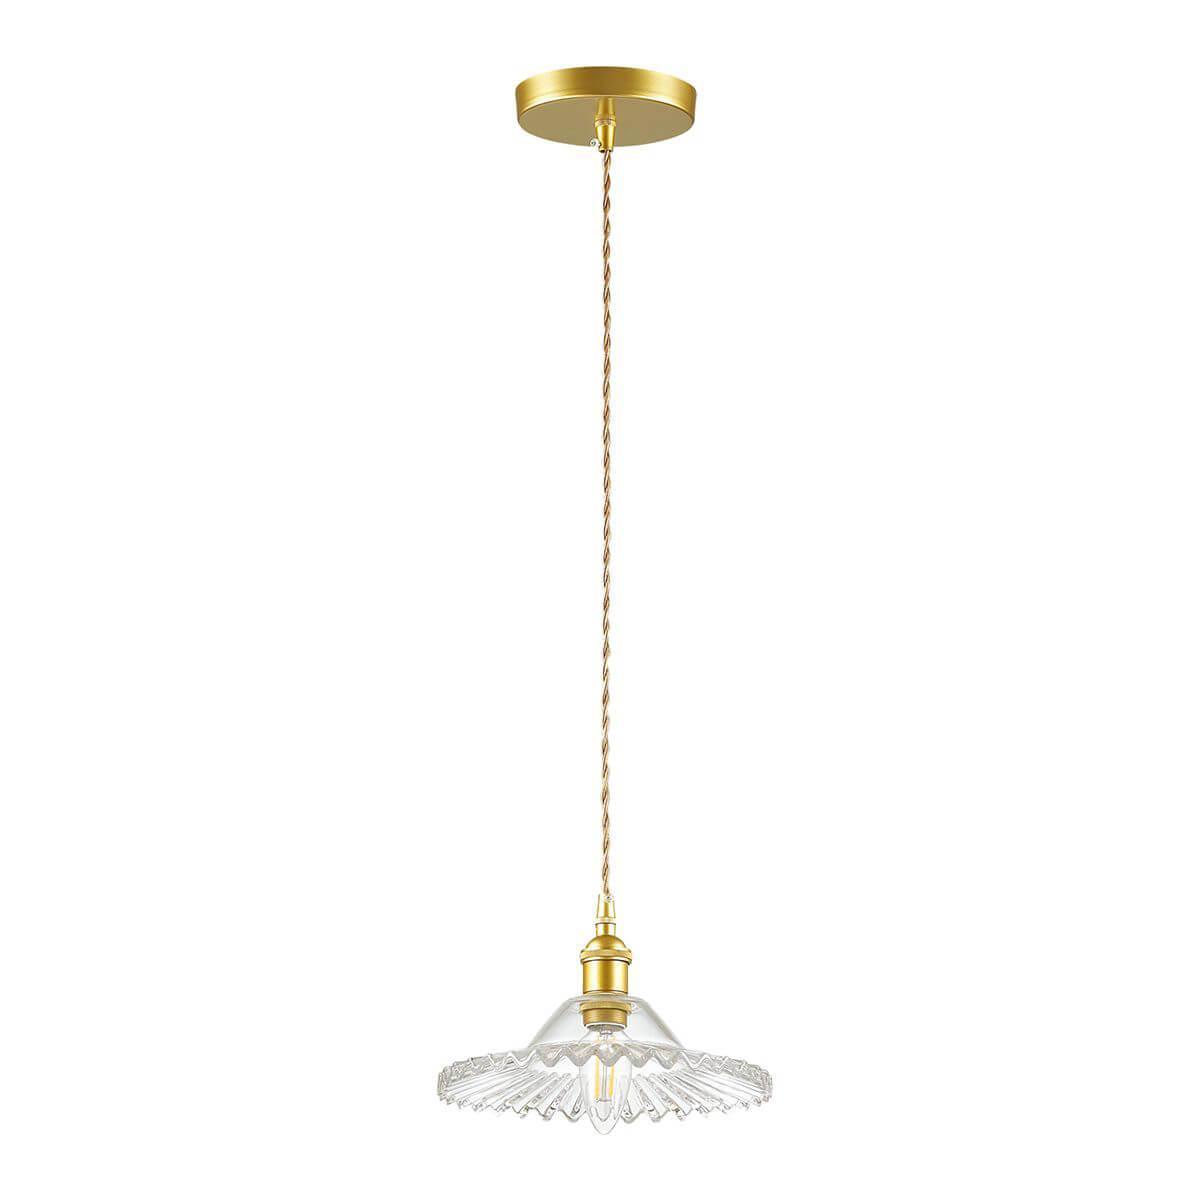 Подвесной светильник Lumion 3797/1, E14, 40 Вт lumion подвесной светильник lumion rory 3656 1